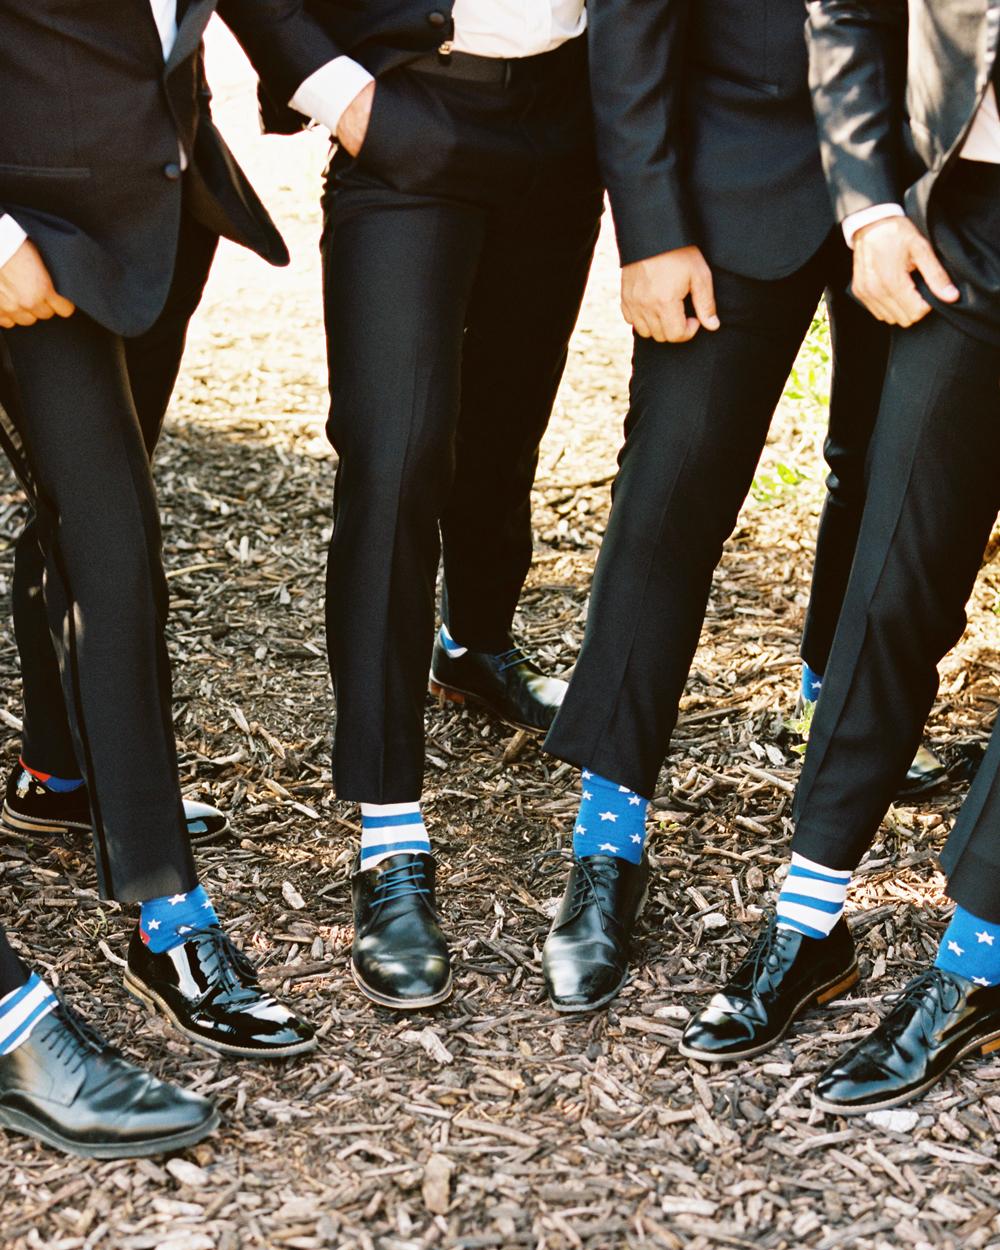 groomsmen in American flag wedding socks